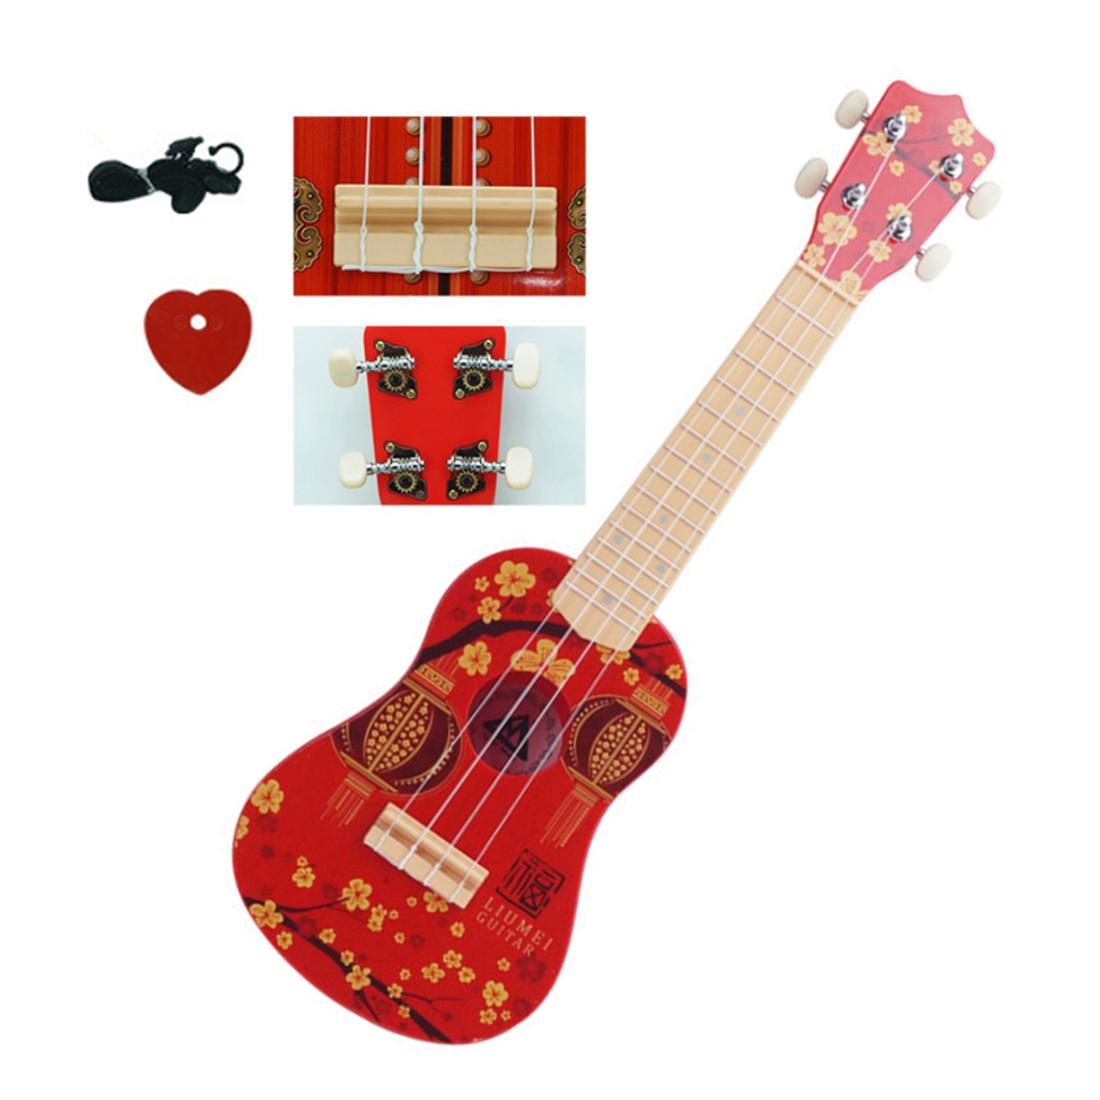 58.5*18*8 cm enfants guitare ukulélé jouets avec 4 cordes-rouge éducation précoce Instrument de musique Style Vintage